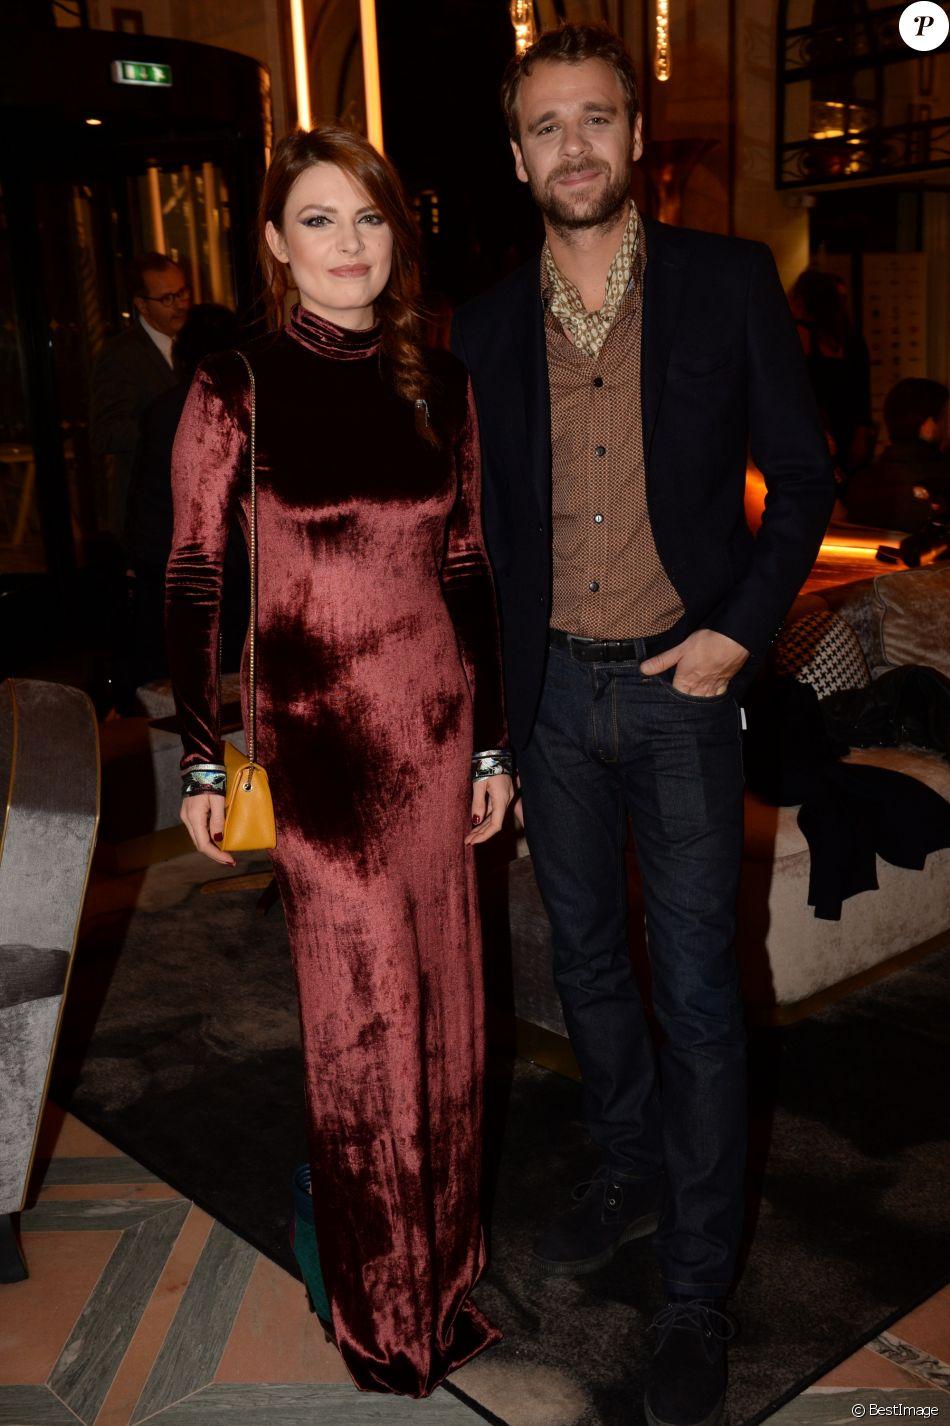 Exclusif - Elodie Frégé et son compagnon Cyril Mokaiesh au cocktail lors de la clôture de la 4ème édition le Festival du Cinéma et Musique de Film de La Baule, France, le 12 novembre 2017. © Rachid Bellak/Bestimage